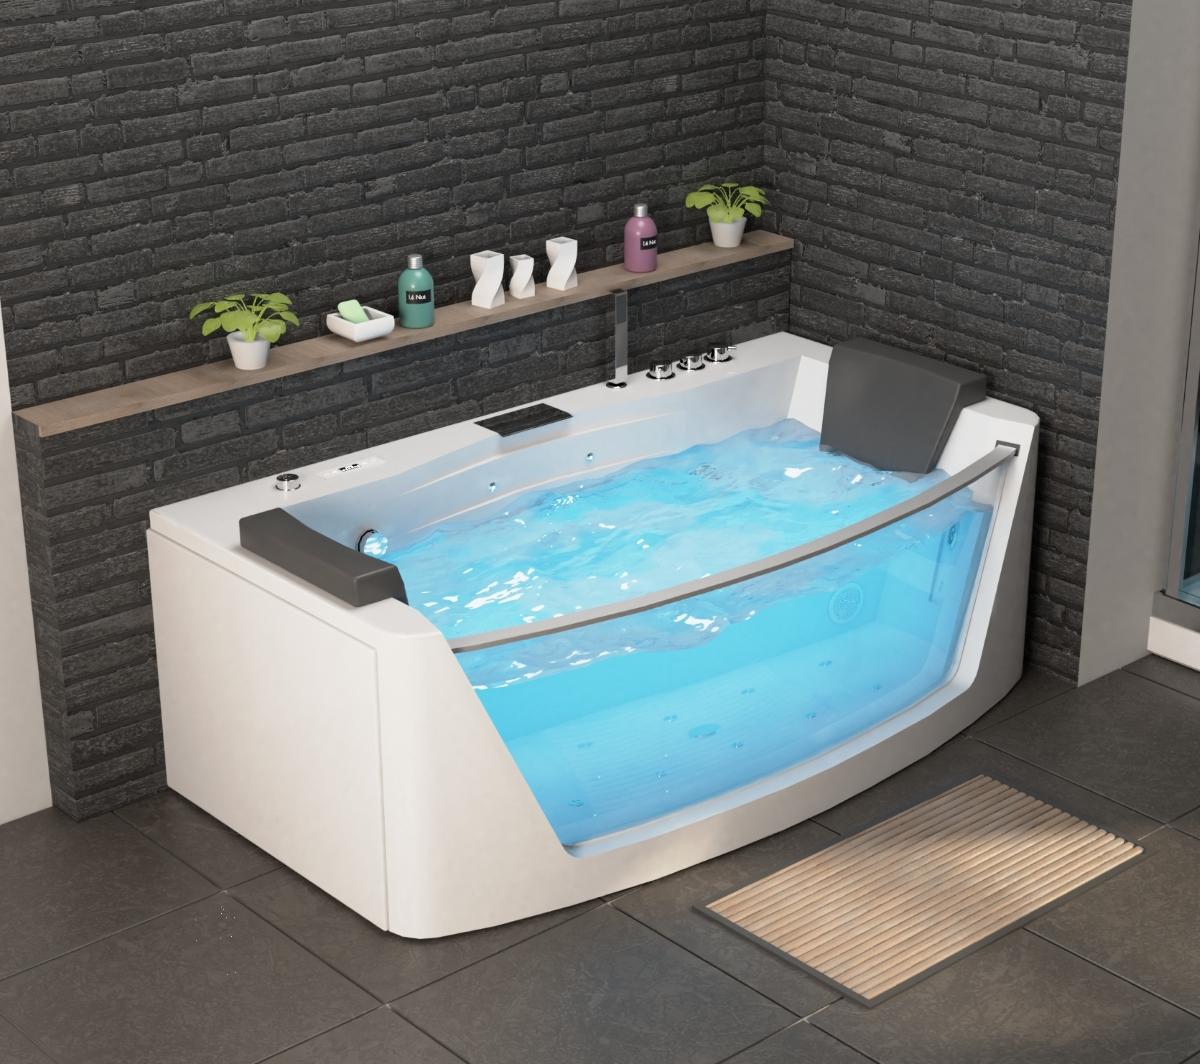 Luxus Whirlpool Badewanne Macao mit 20 Massage Düsen Glas LED Heizung Ozon  Radio Armaturen Bad